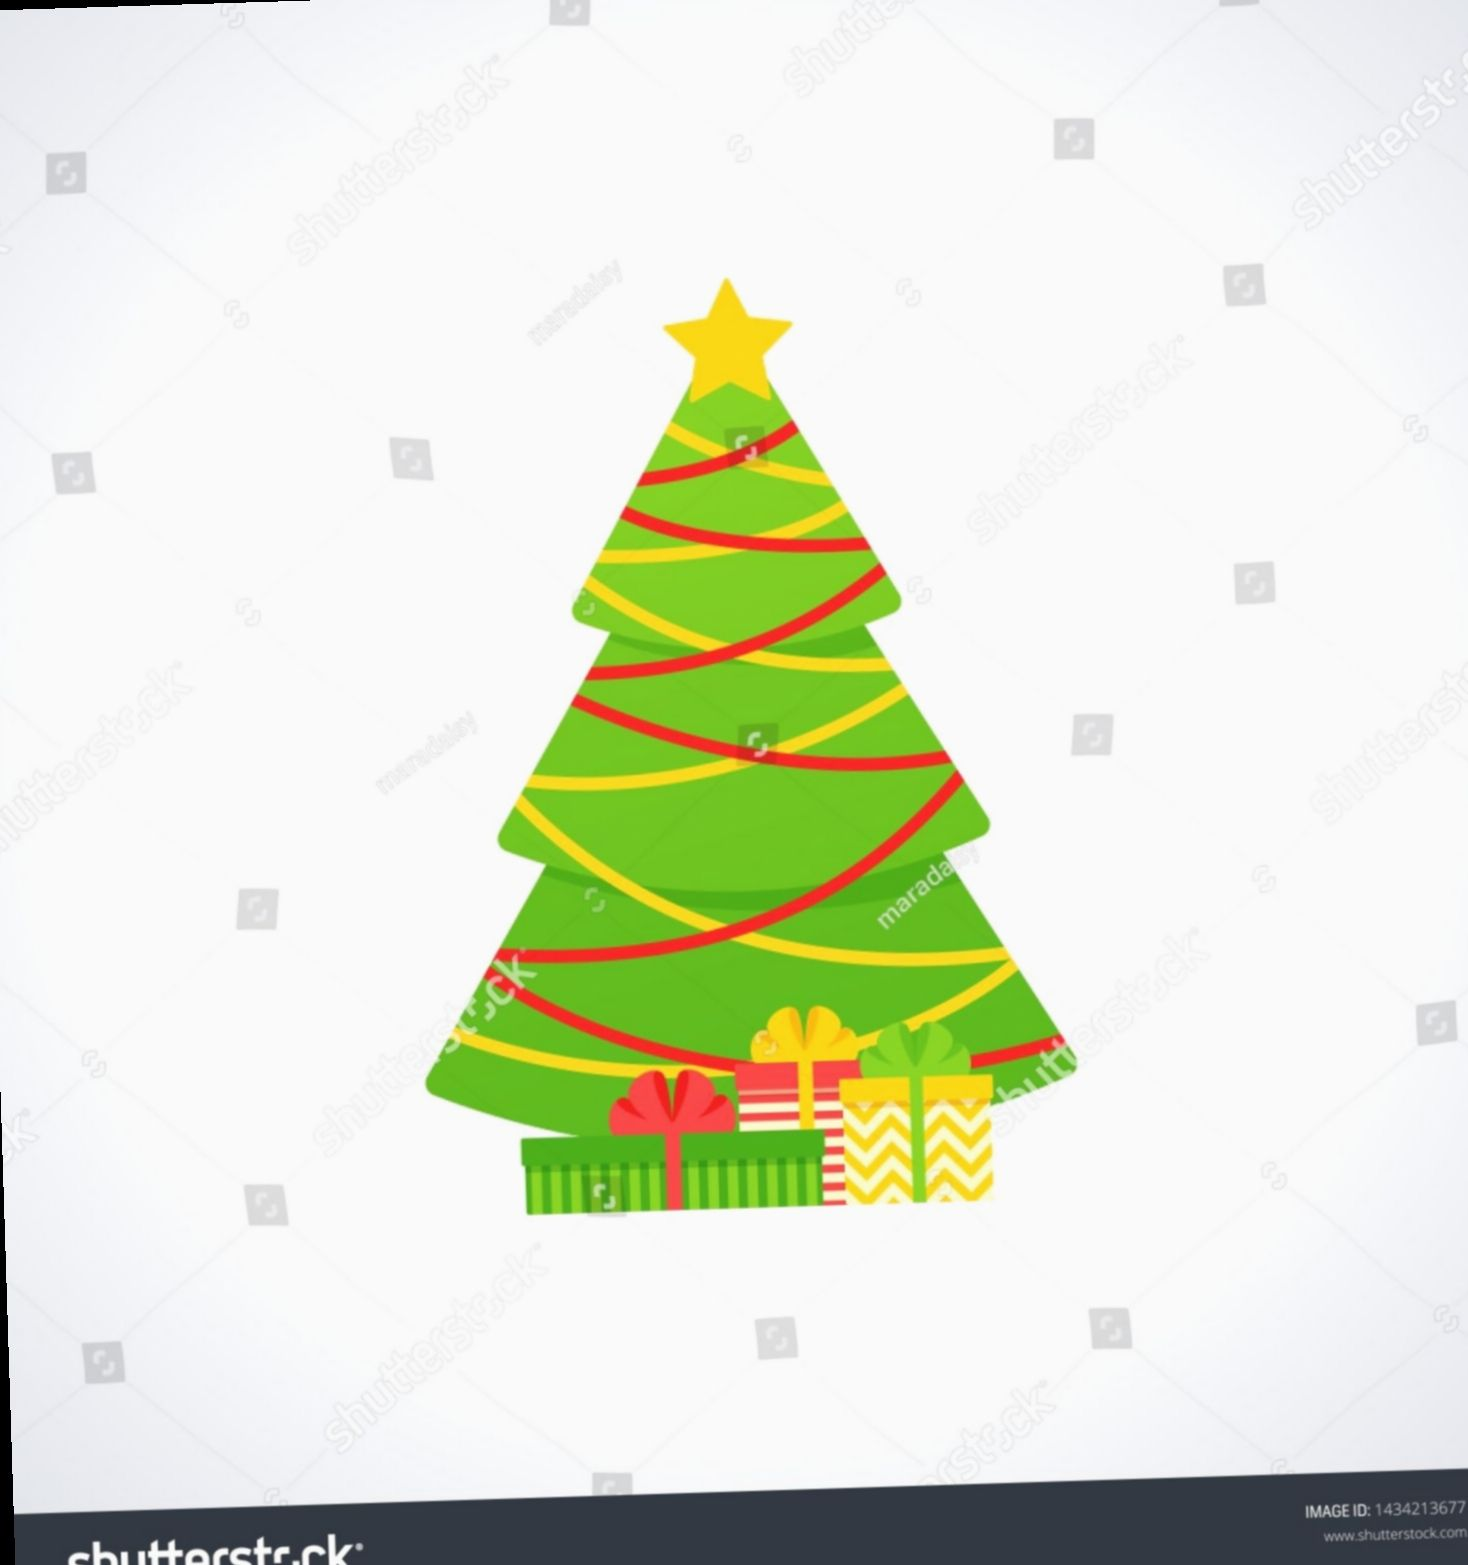 8 Christmas Tree Cartoon Xmas In 2020 Christmas Tree Tree Icon Beautiful Christmas Trees